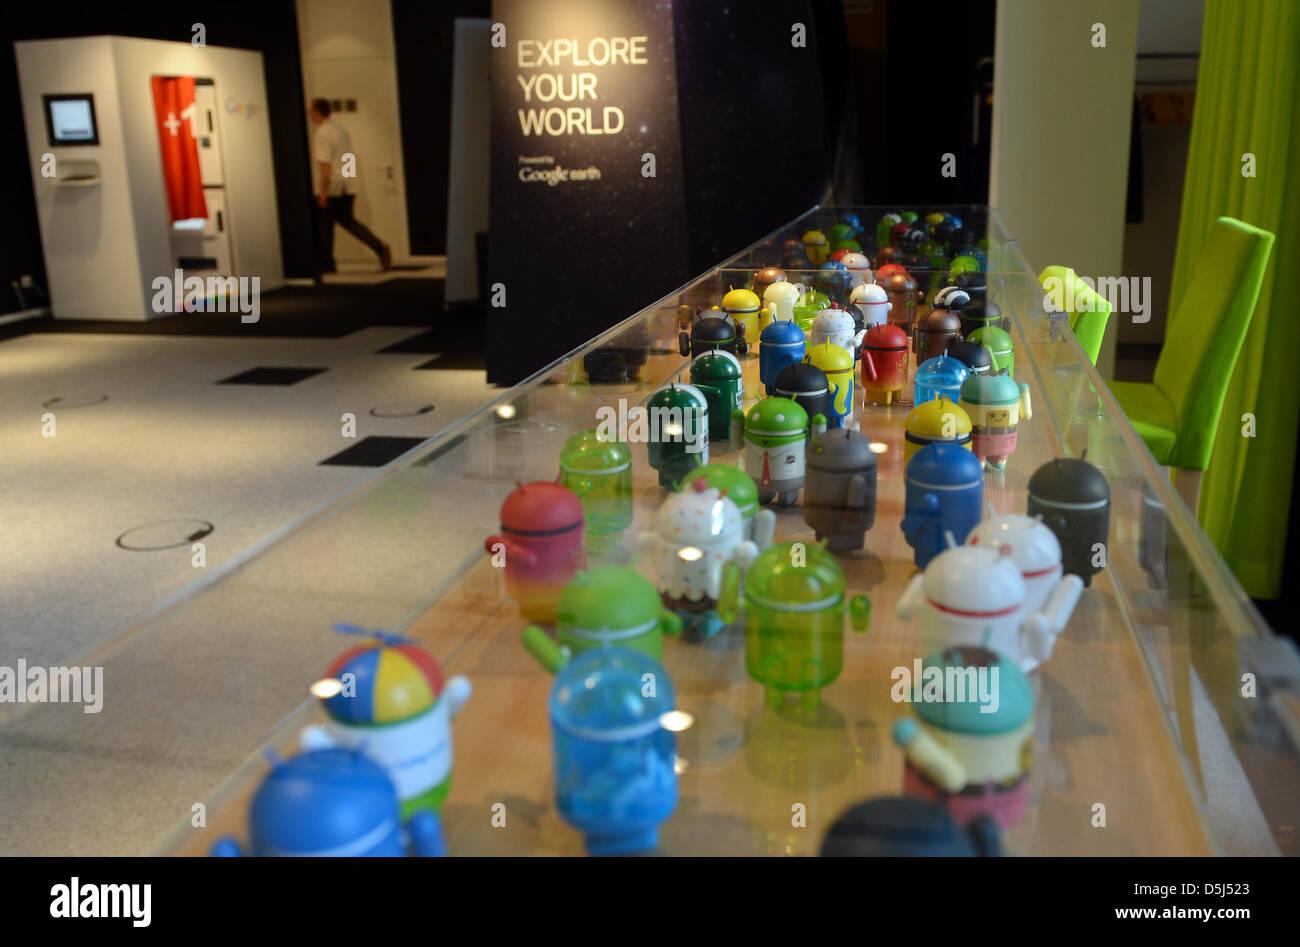 Armadio Per L Ufficio.Colorato Mini Android Giocattoli Sono Illustrati In Un Armadio Di